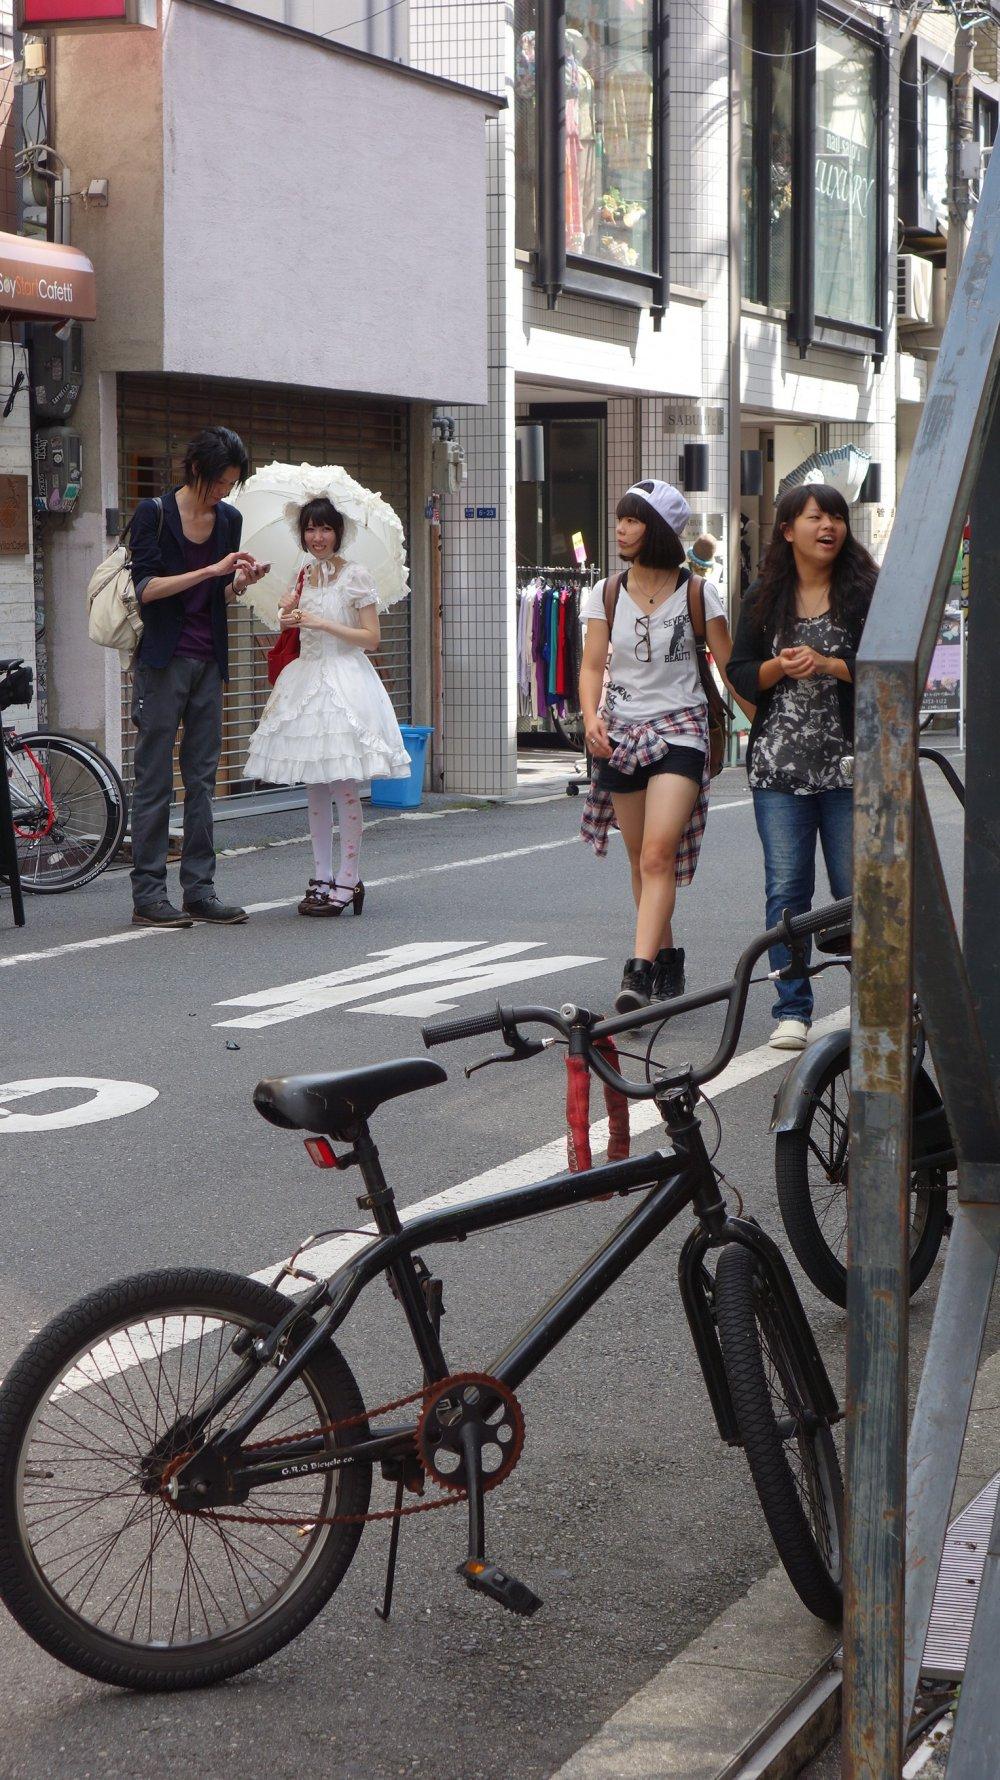 พอจะมี crossplay บ้าง แต่น้อยมาก เทียบ Harajuku ไม่ได้เลย